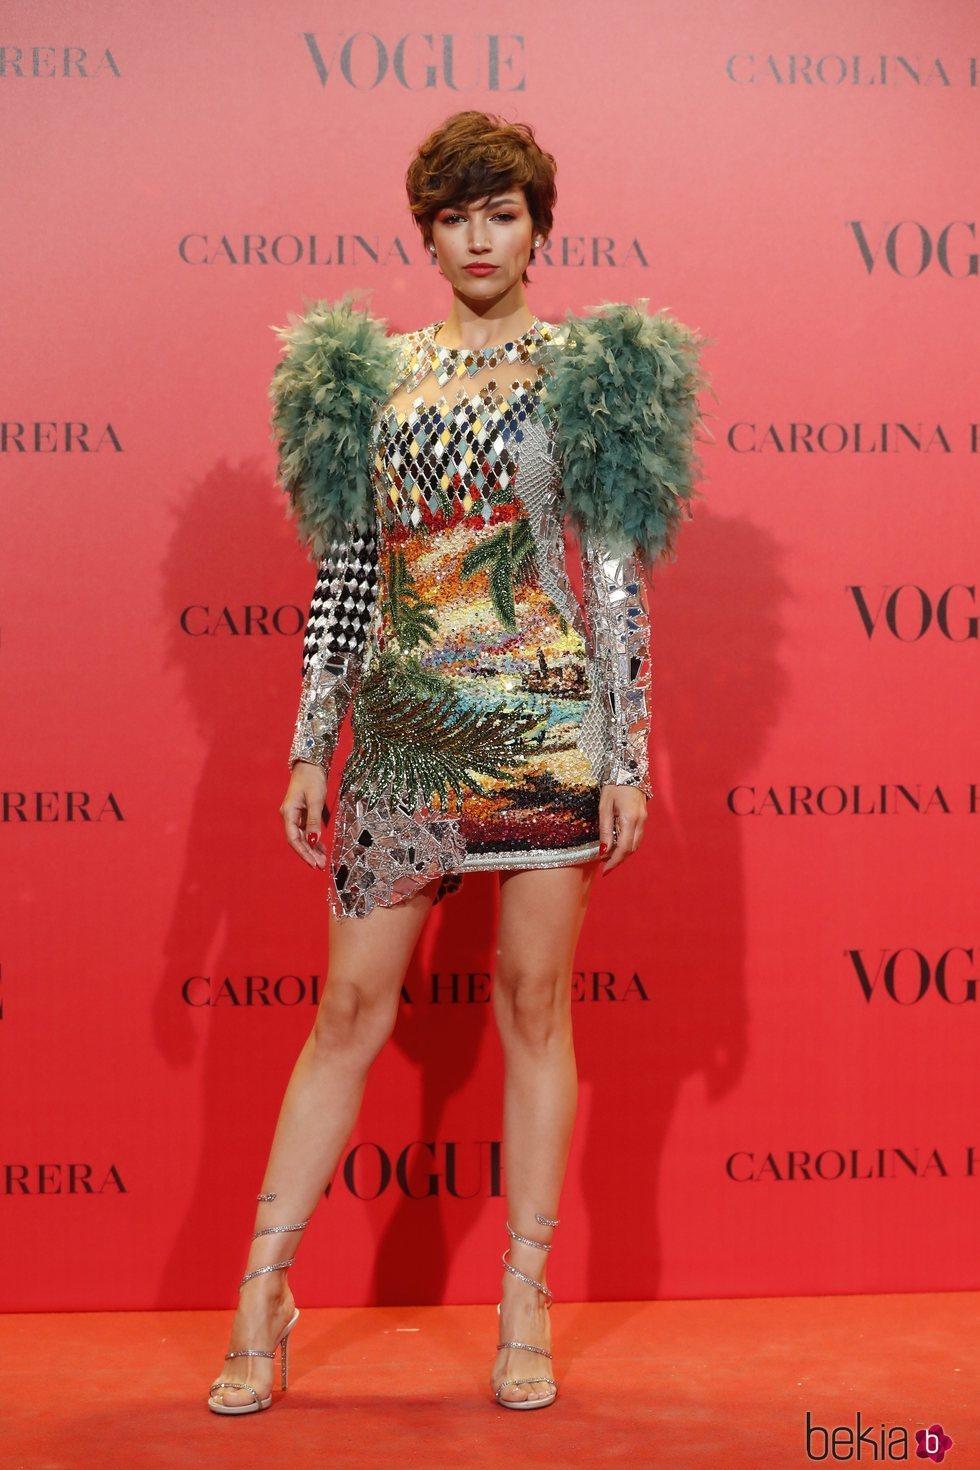 Úrsula Corberó en la fiesta del 30 aniversario de Vogue